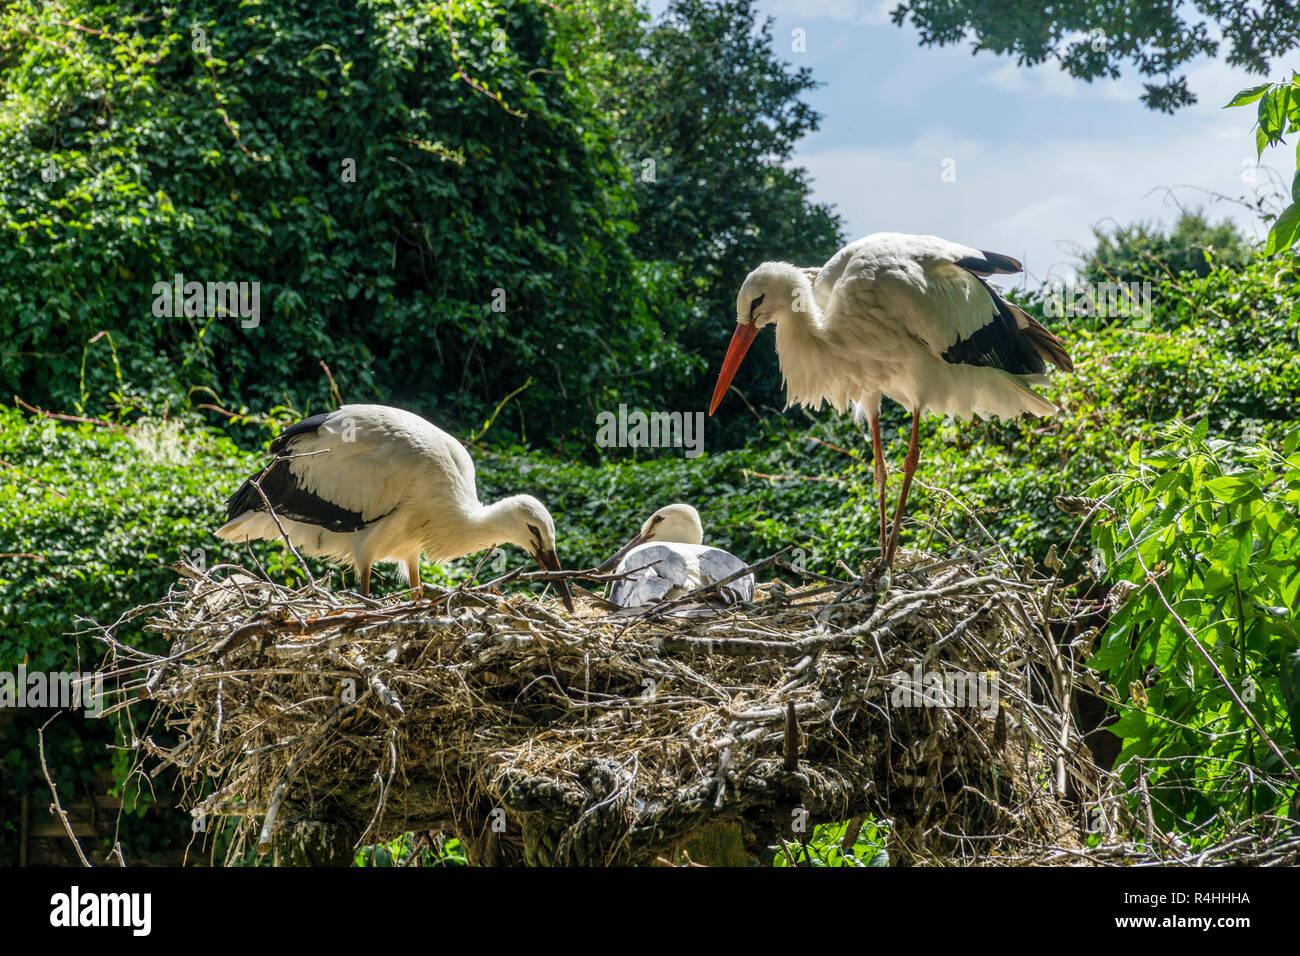 Nordfriesland, Storchennest im Storchengehege Wyk, Storchennest im Storchengehege Wyk Stockbild